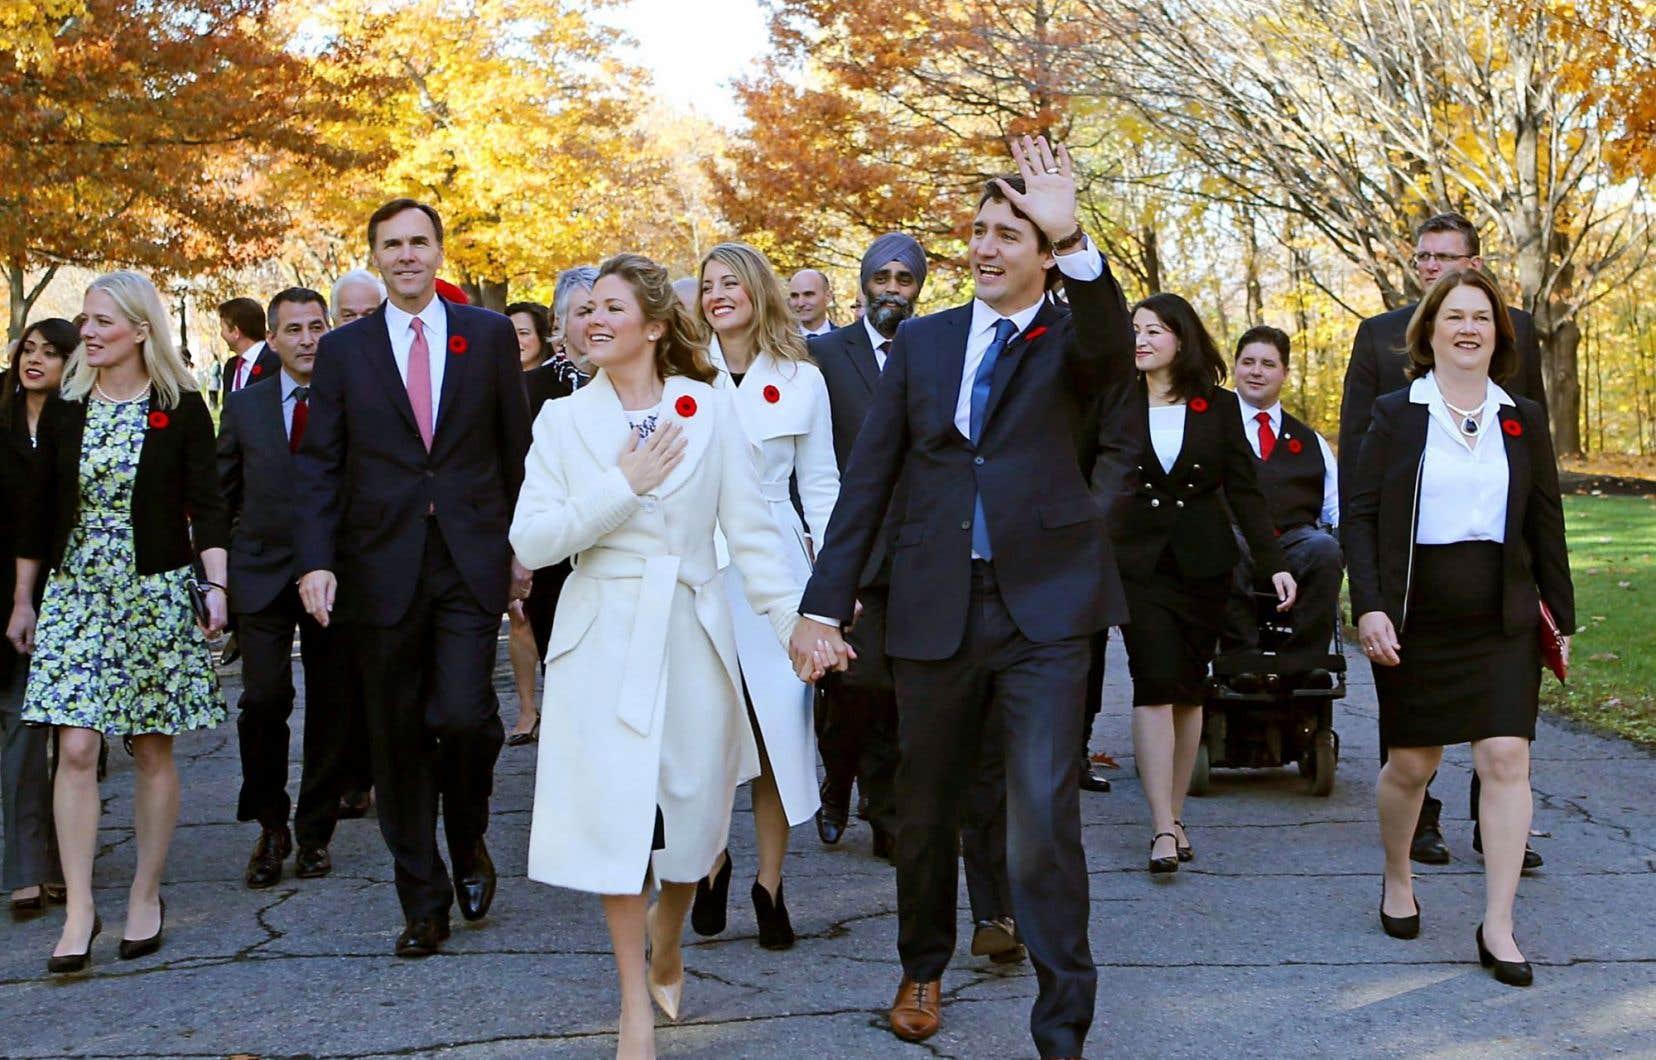 Justin Trudeau, en compagnie de son épouse, Sophie Grégoire, et de son cabinet à leur arrivée à Rideau Hall pour l'assermentation du nouveau gouvernement, le 4 novembre dernier